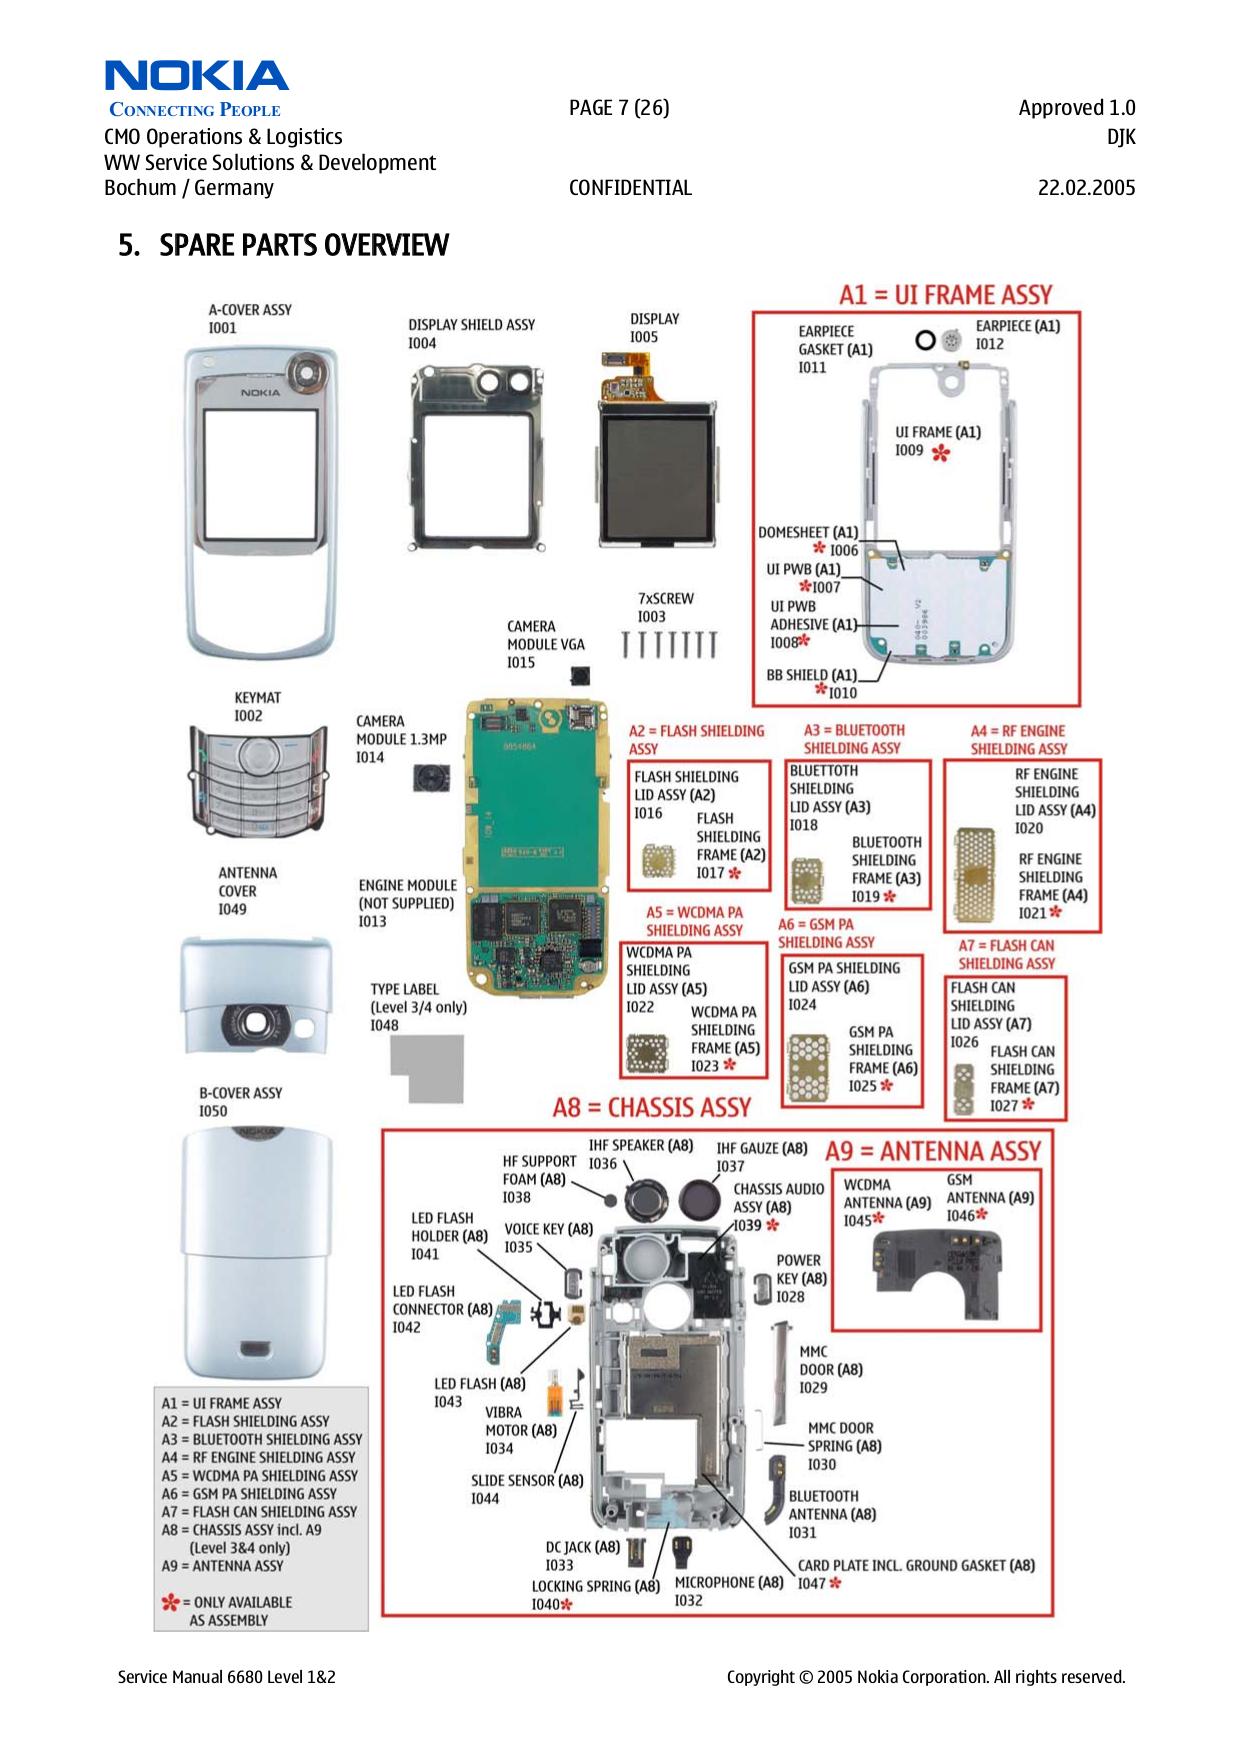 pdf manual for nokia cell phone 6680 rh umlib com nokia 6680 user manual.pdf nokia 6680 manual